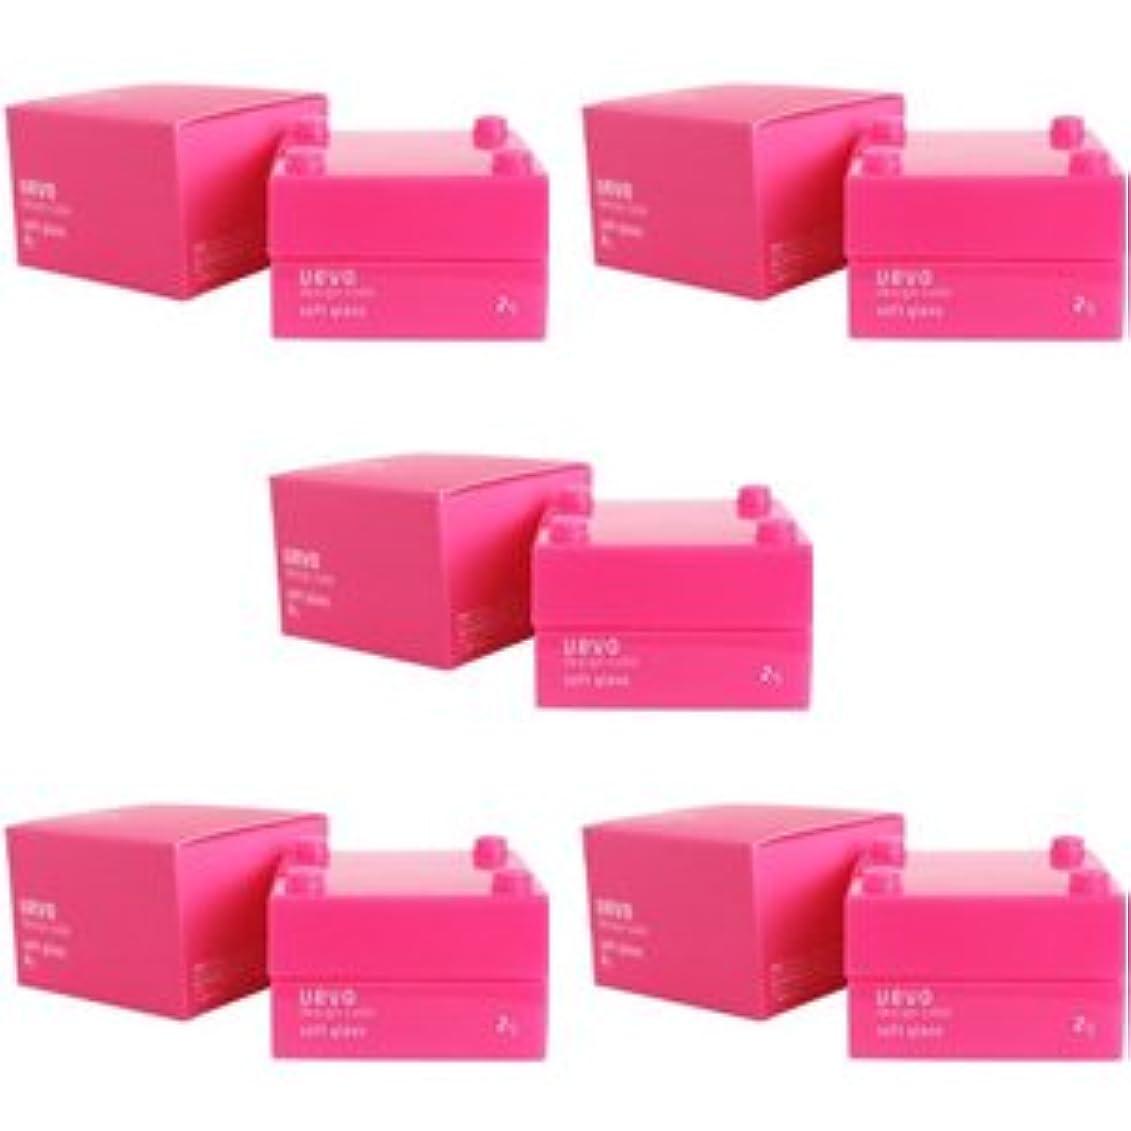 大きなスケールで見るとチャンス検査【X5個セット】 デミ ウェーボ デザインキューブ ソフトグロス 30g soft gloss DEMI uevo design cube